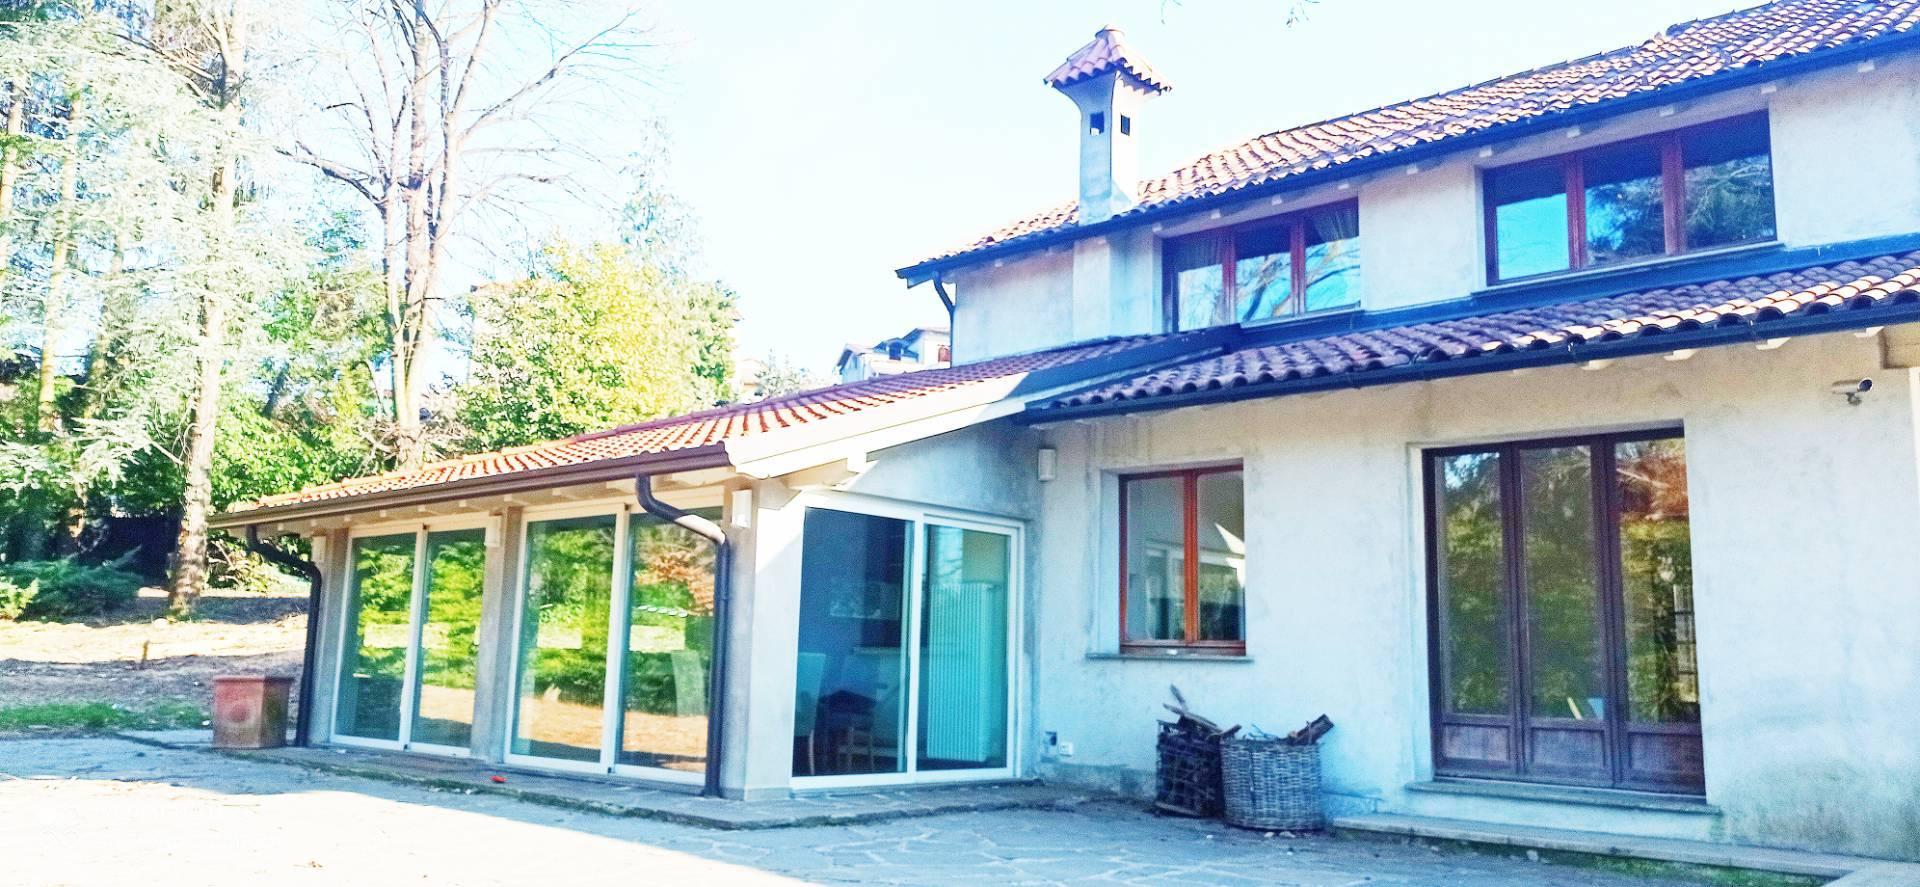 Villa in vendita a Colverde, 5 locali, prezzo € 700.000 | PortaleAgenzieImmobiliari.it